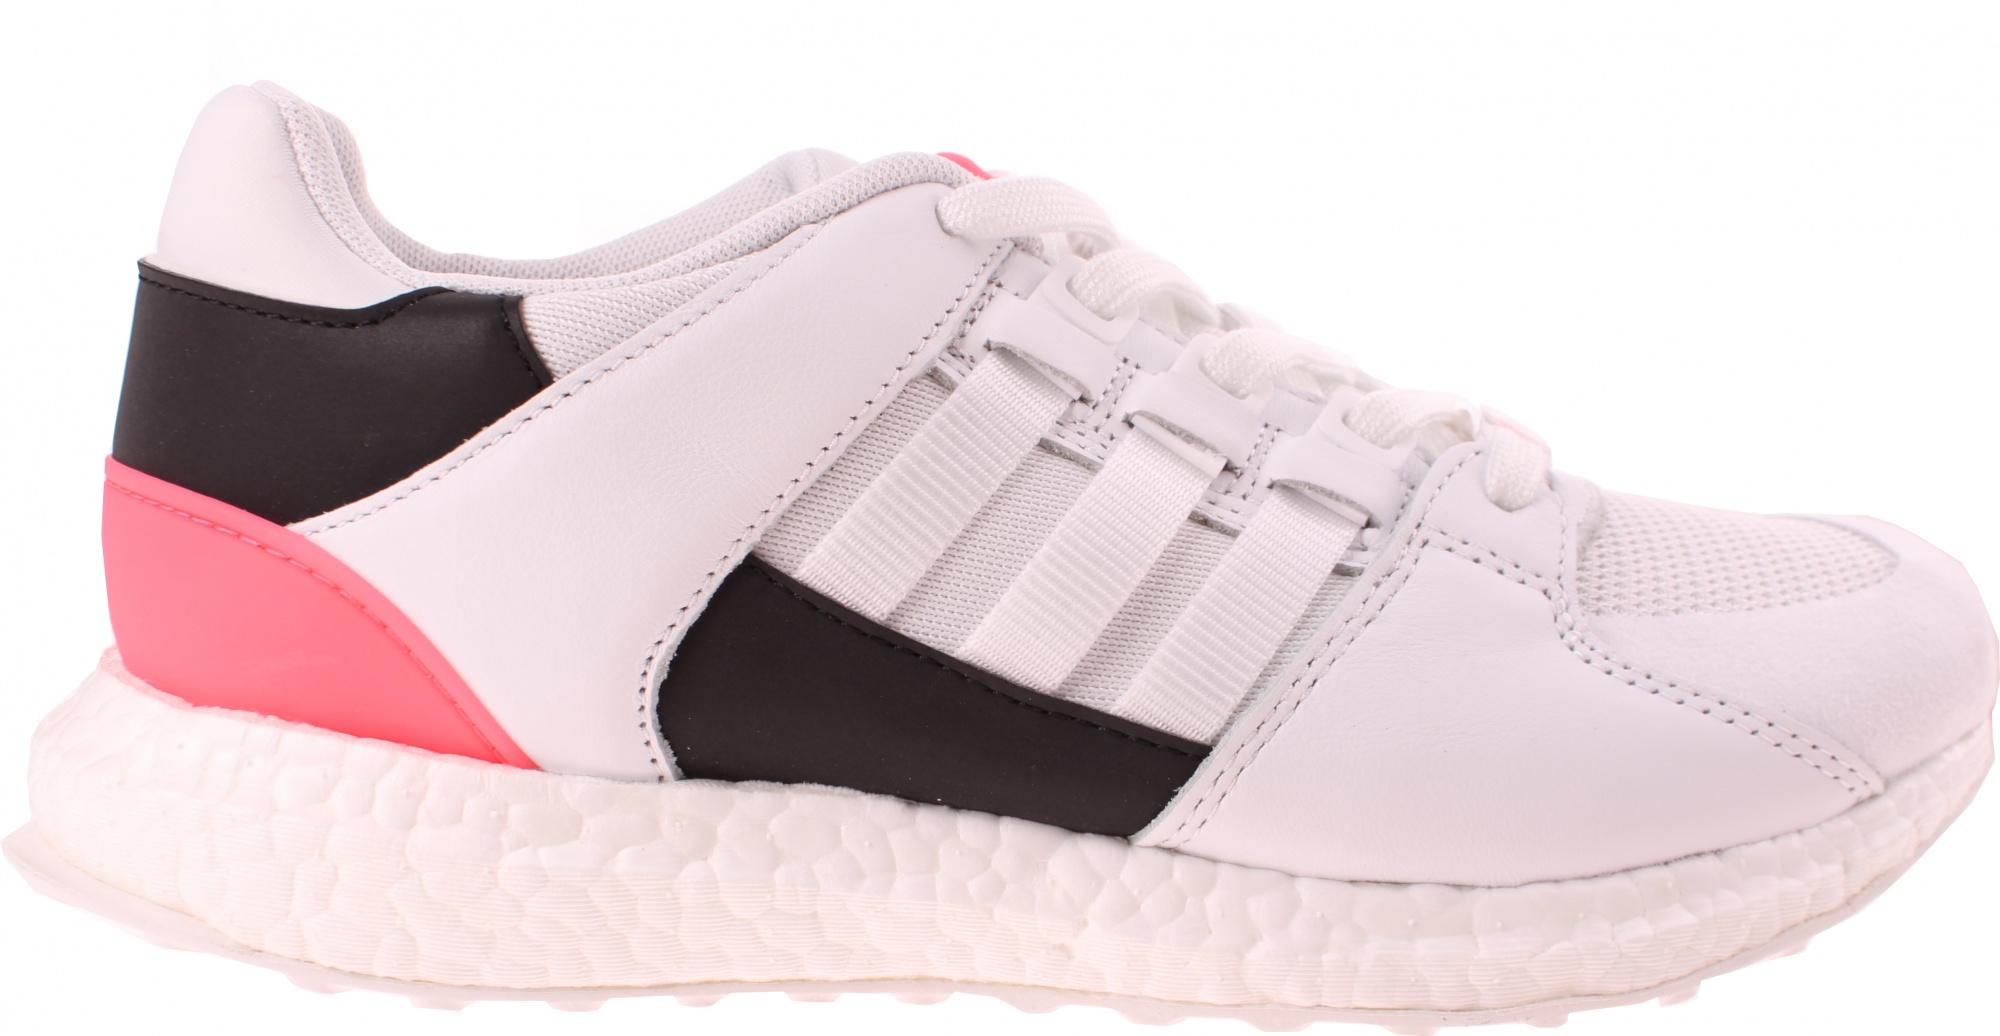 adidas schoenen tilburg